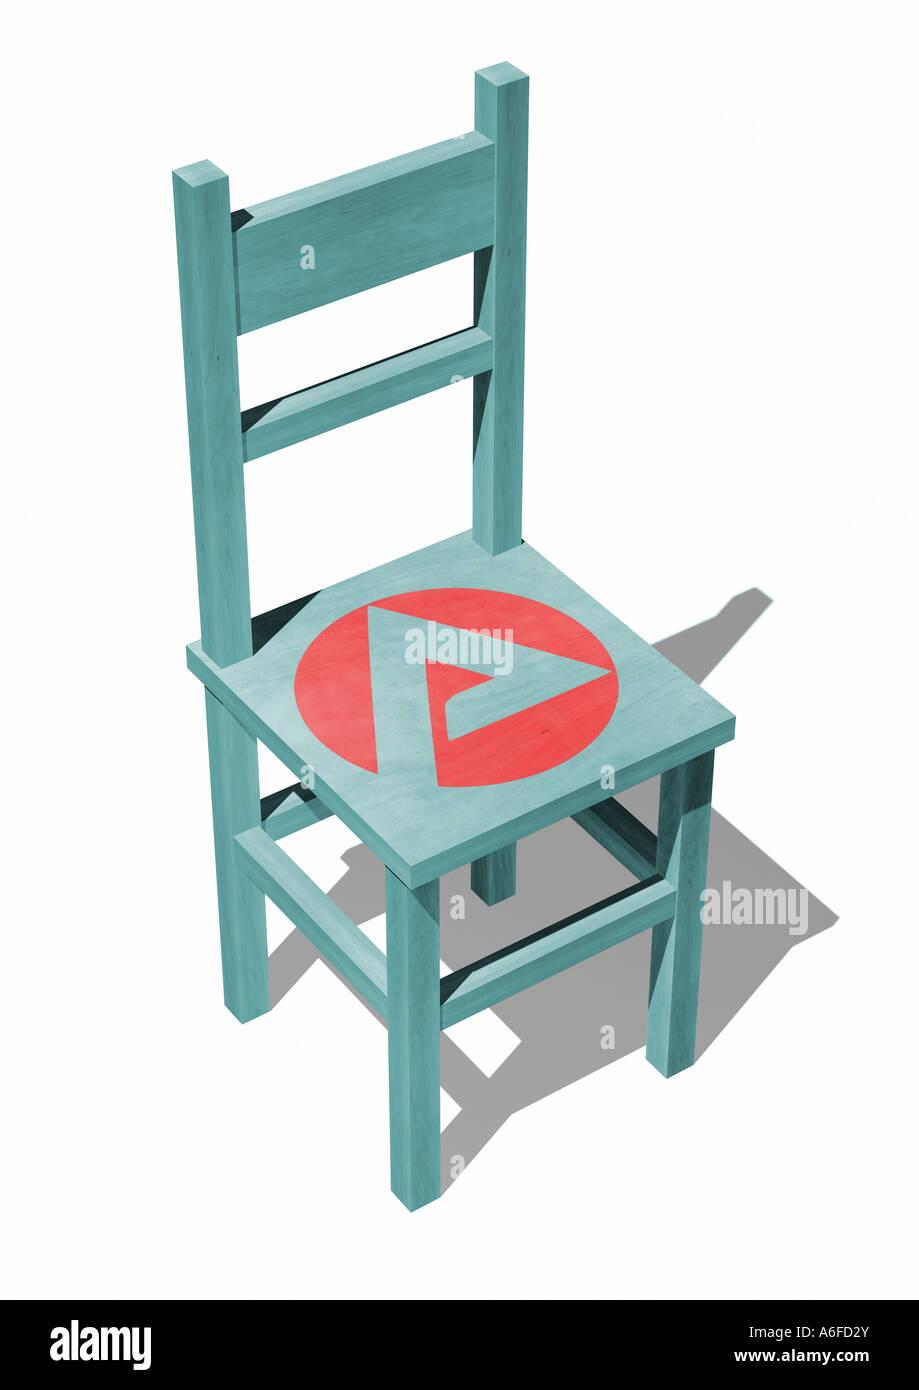 Job center chair Stuhl mit Logo Agentur für Arbeit - Stock Image